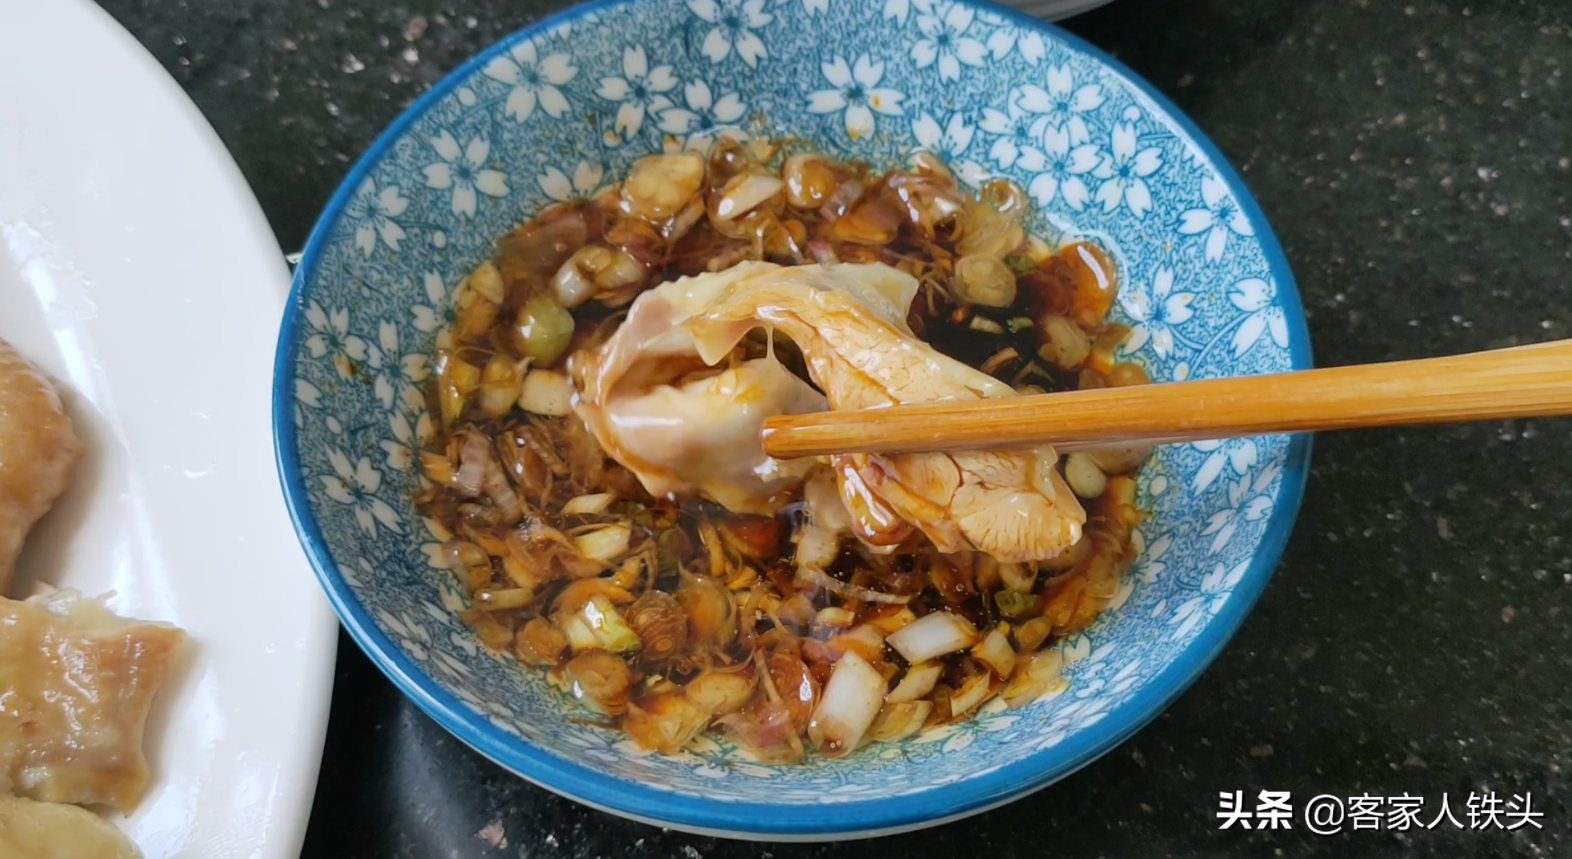 年夜飯雞肉怎樣吃? 教你廣式白切雞正確做法,配2種蘸料爽滑味美